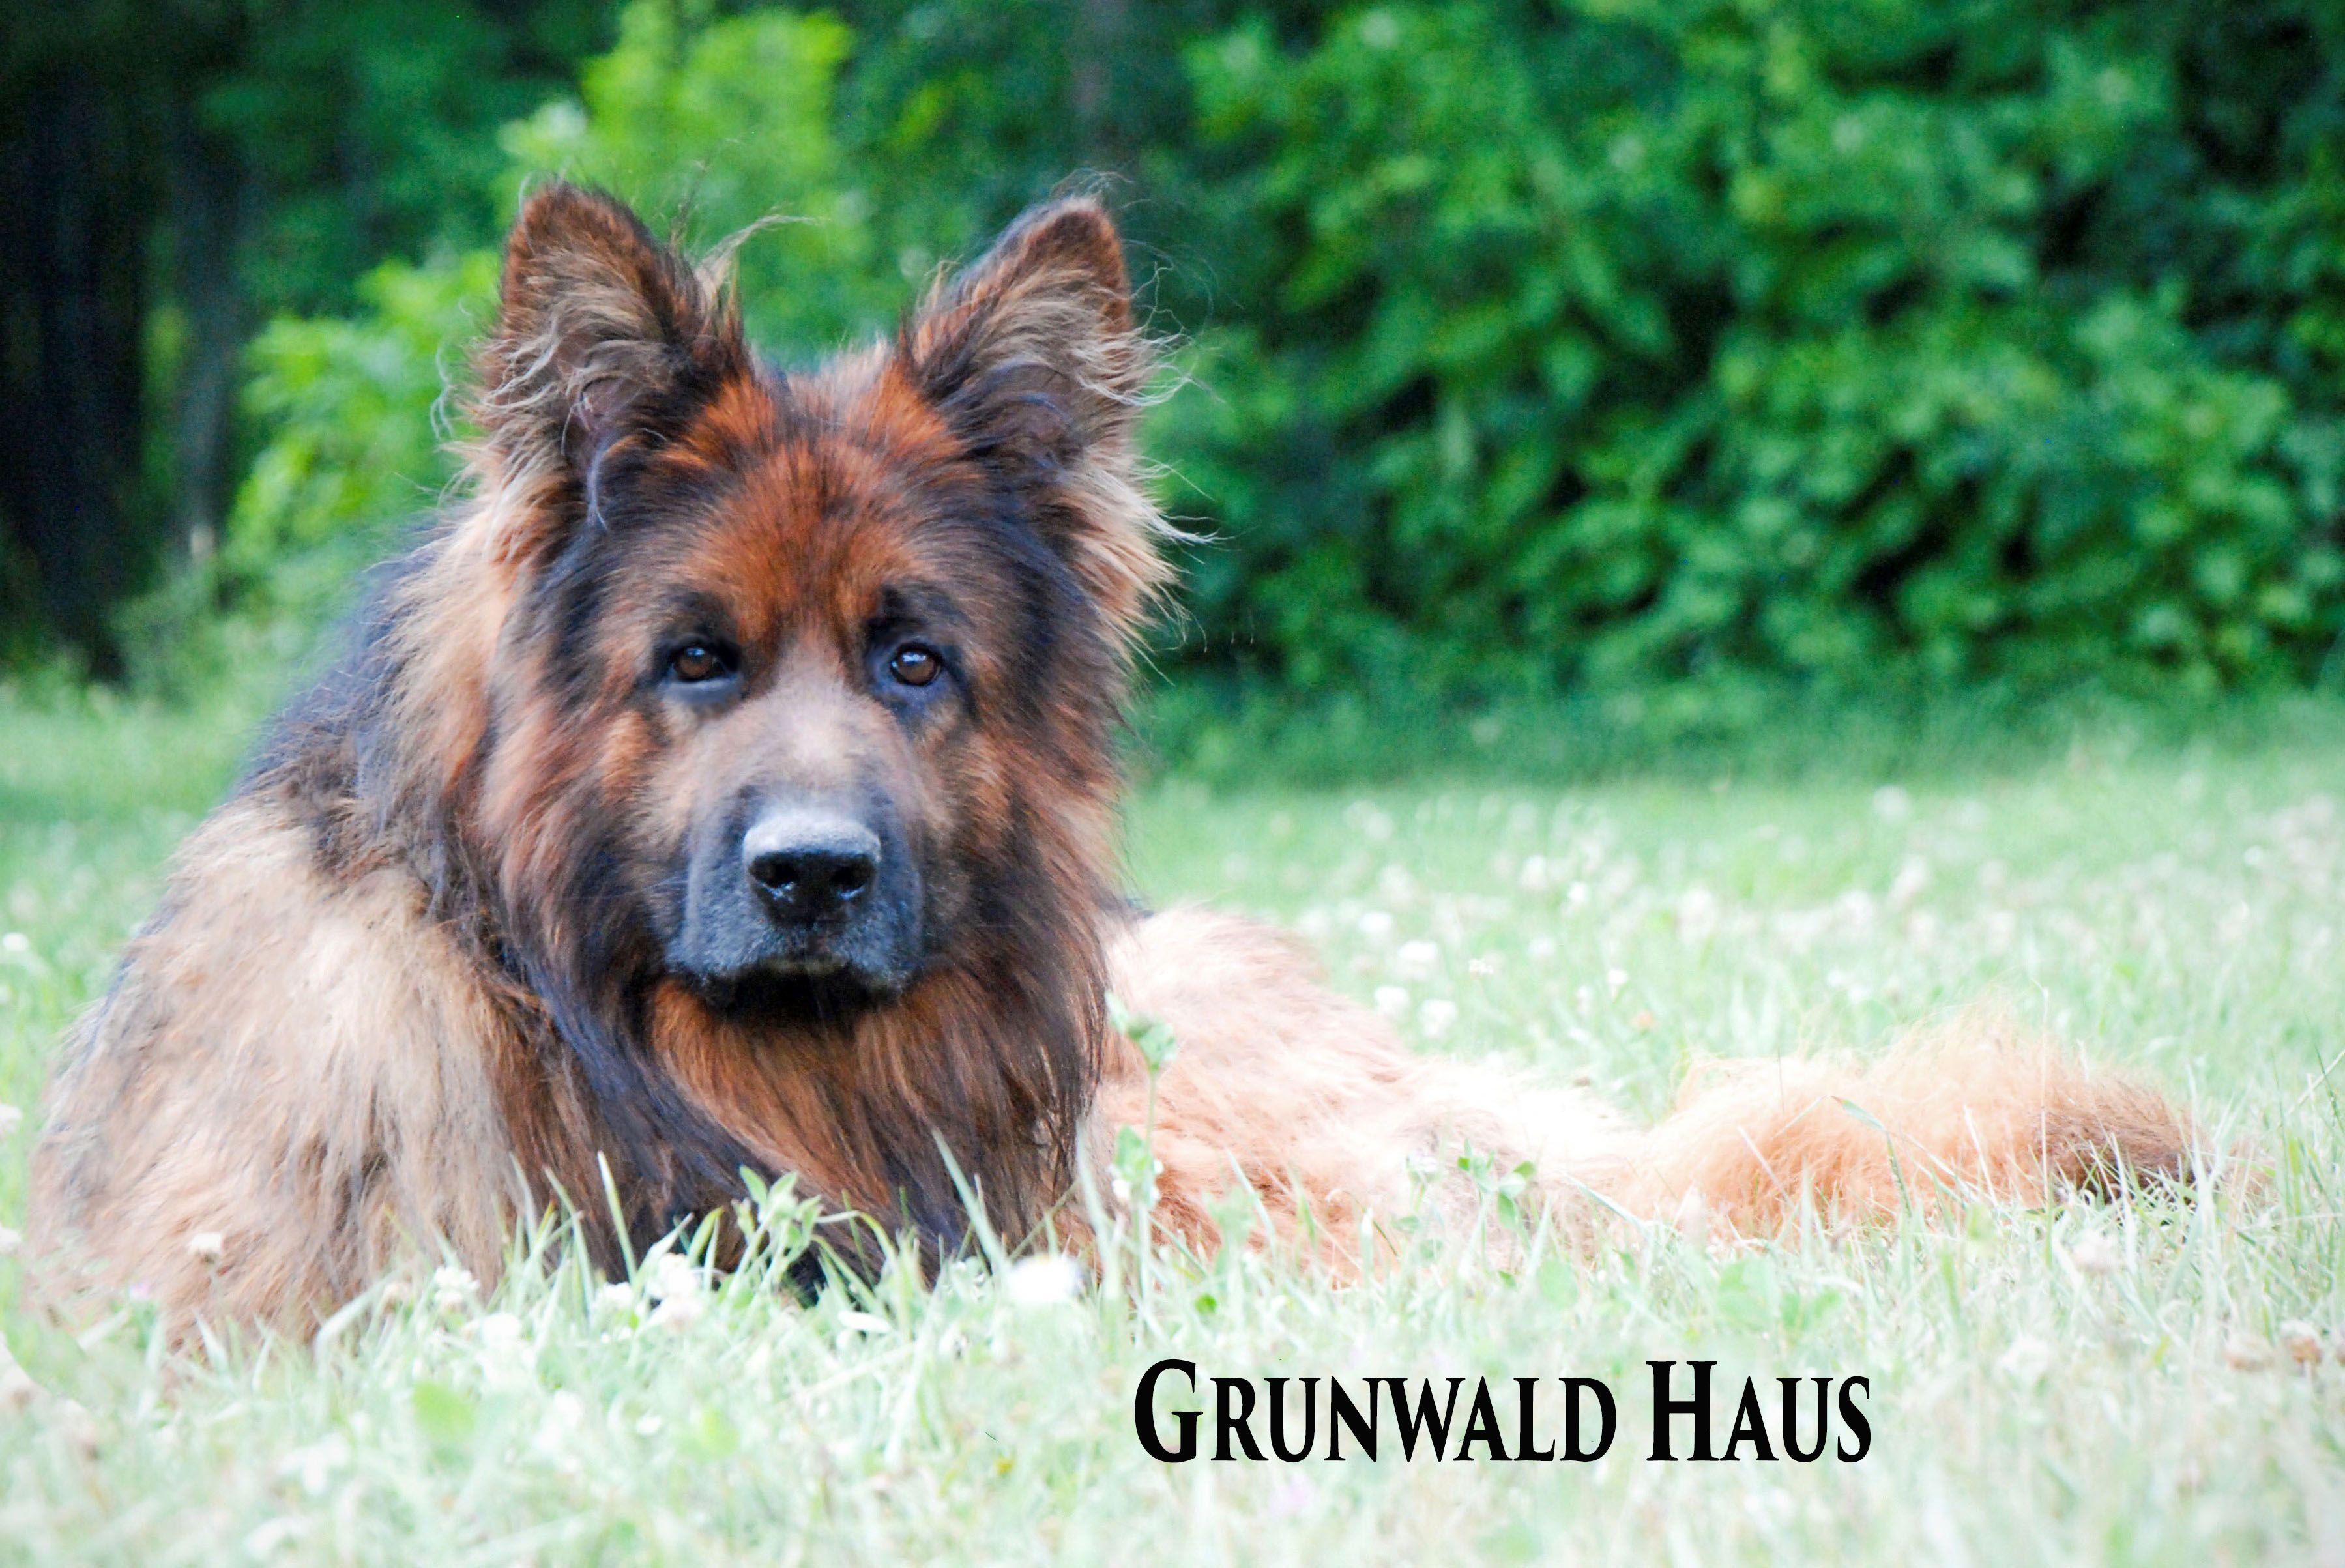 Long Coat German Shepherd Dog By Grunwald Haus Sg1 Das Awesome